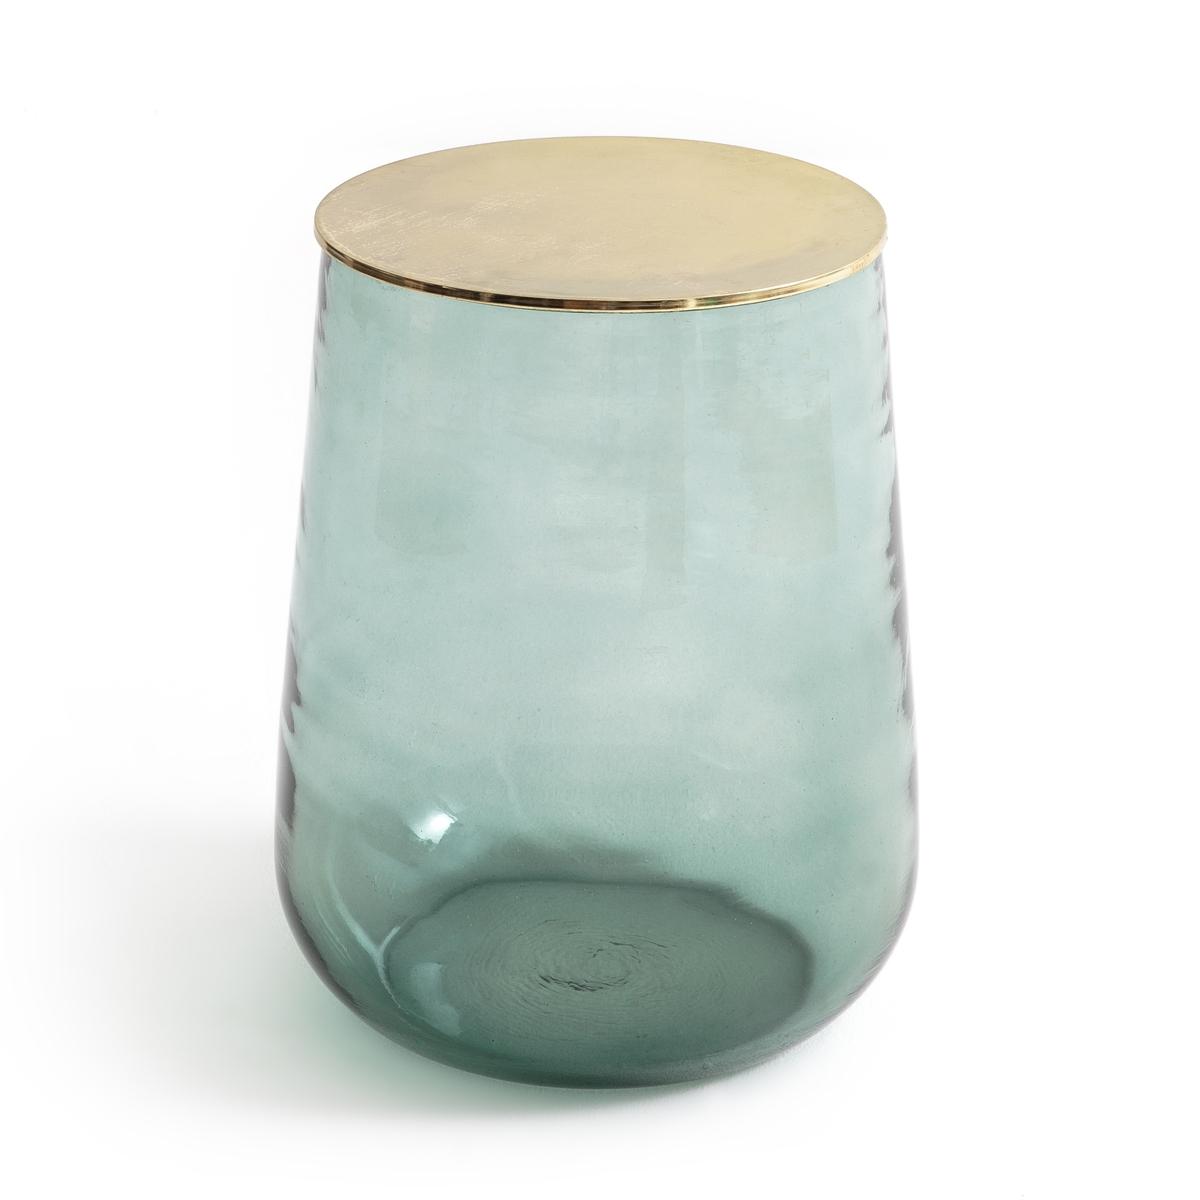 Столик журнальный из стекла, Conop?eЖурнальный столик  Conop?e. Легкий и воздушный столик внесет яркий штрих в интерьер гостиной. Верх может быть стеклянным или металлическим, на Ваш выбор. Столик также можно использовать как прикроватный. Ручное производство стекла, каждая модель уникальна.Описание : - Из крашеного стекла- Столешница из металлаРазмеры :- ? сверху 36, ? снизу (со стороны металлической пластины) 30,4 x В.45 смРазмеры и вес упаковки: - Ш.49 x В.61 x Г.49 см, 12,5 кг<br><br>Цвет: Аквамарин,Свежая мята